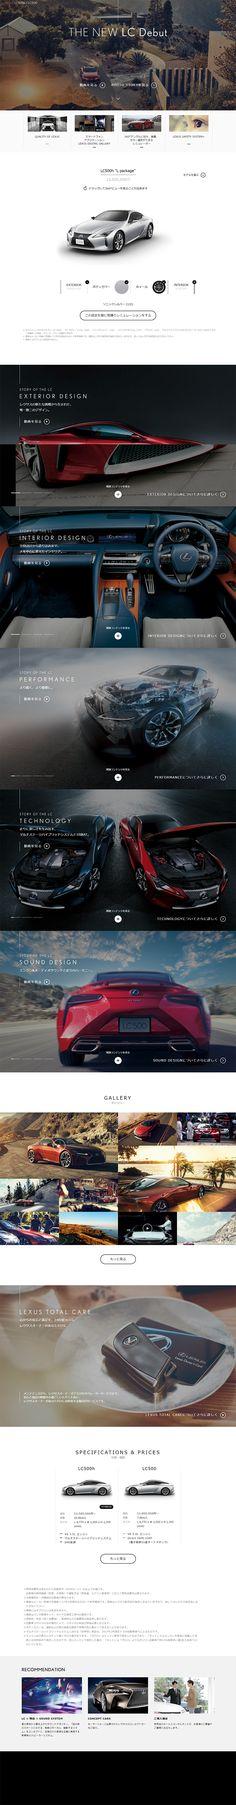 LEXUS LC【車・バイク関連】のLPデザイン。WEBデザイナーさん必見!ランディングページのデザイン参考に(かっこいい系)